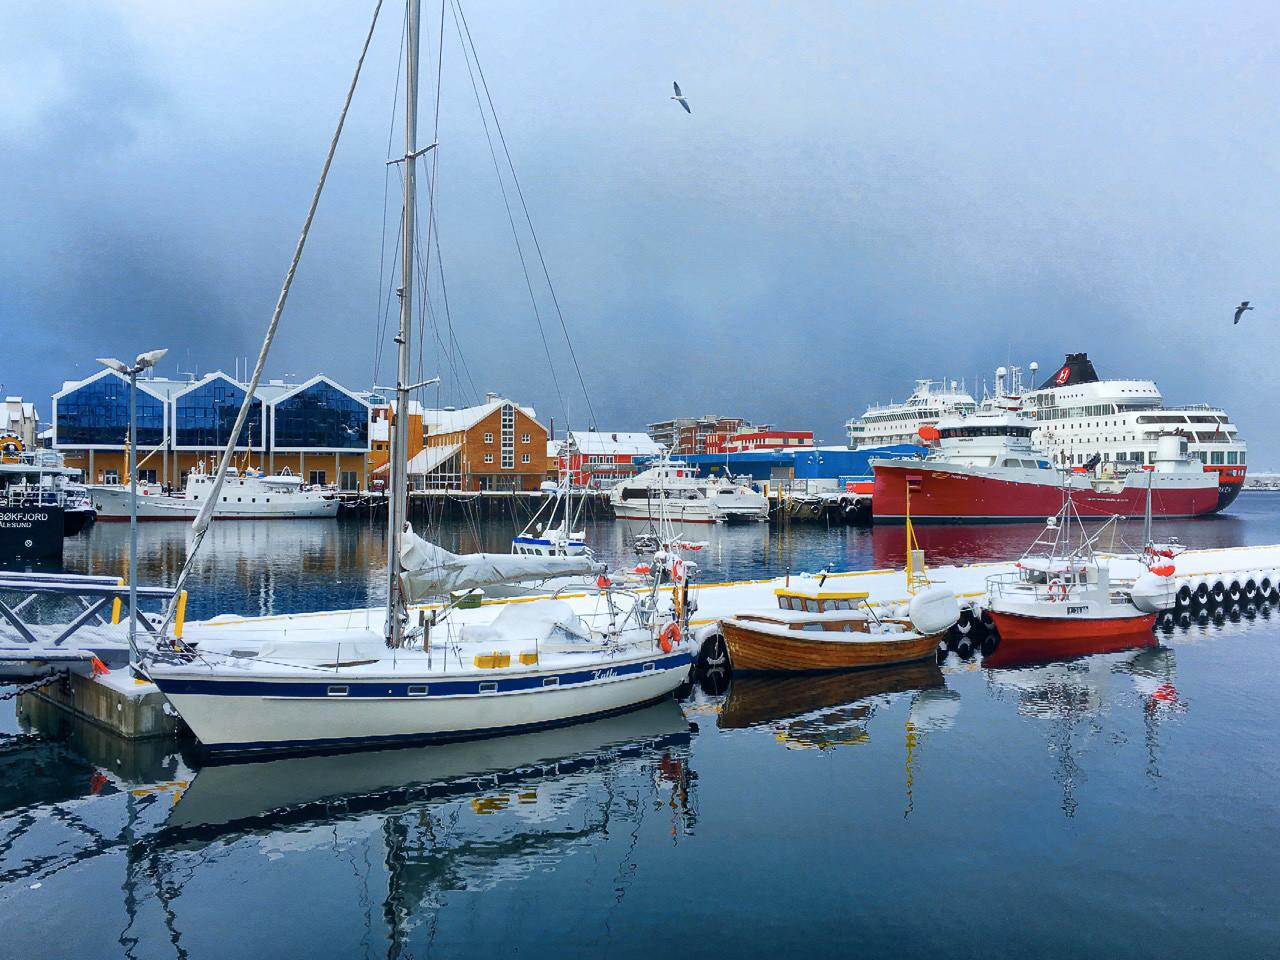 Docked in Hammerfest (courtesy DM)